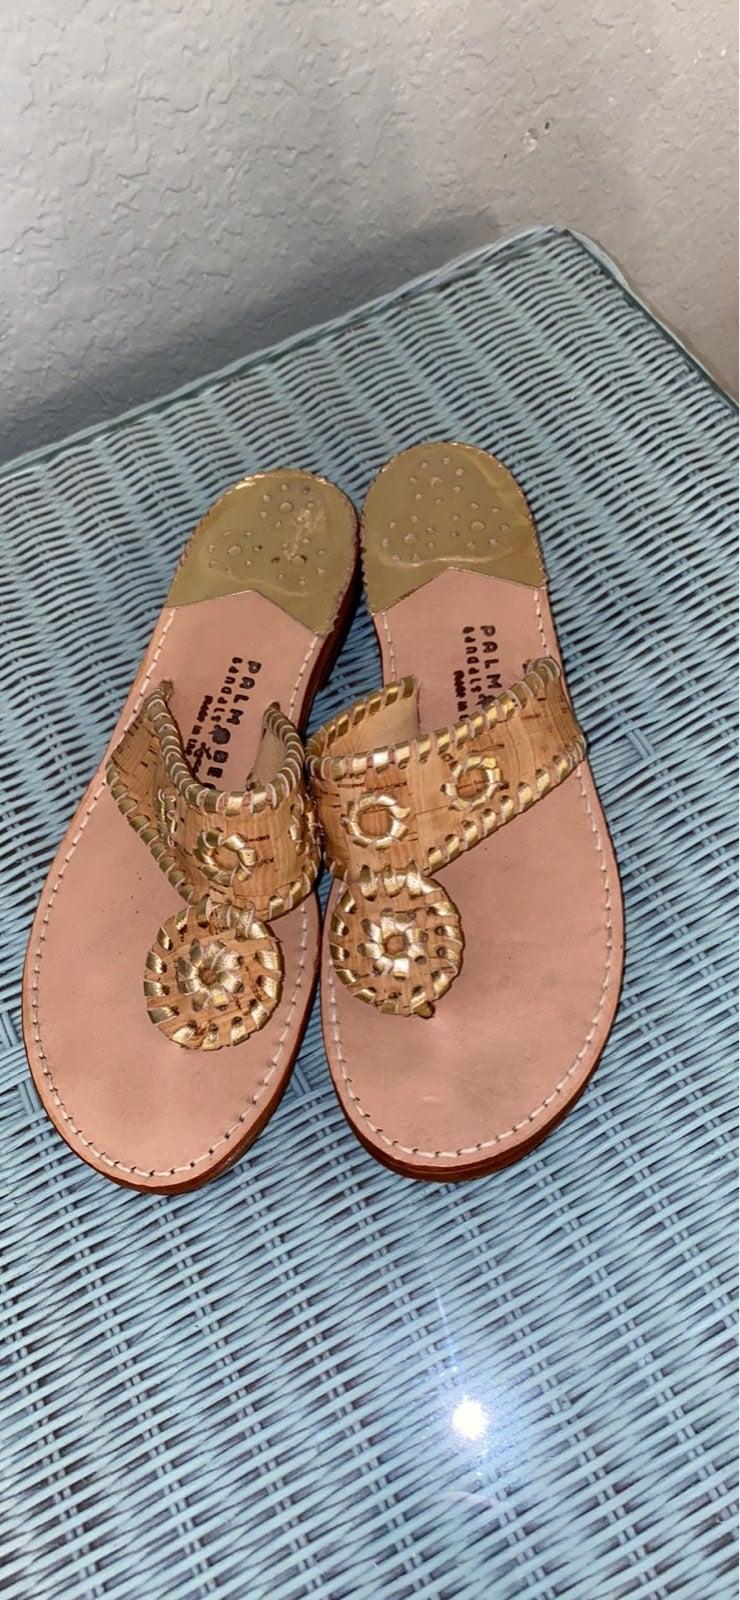 Palm beach Sandals 8